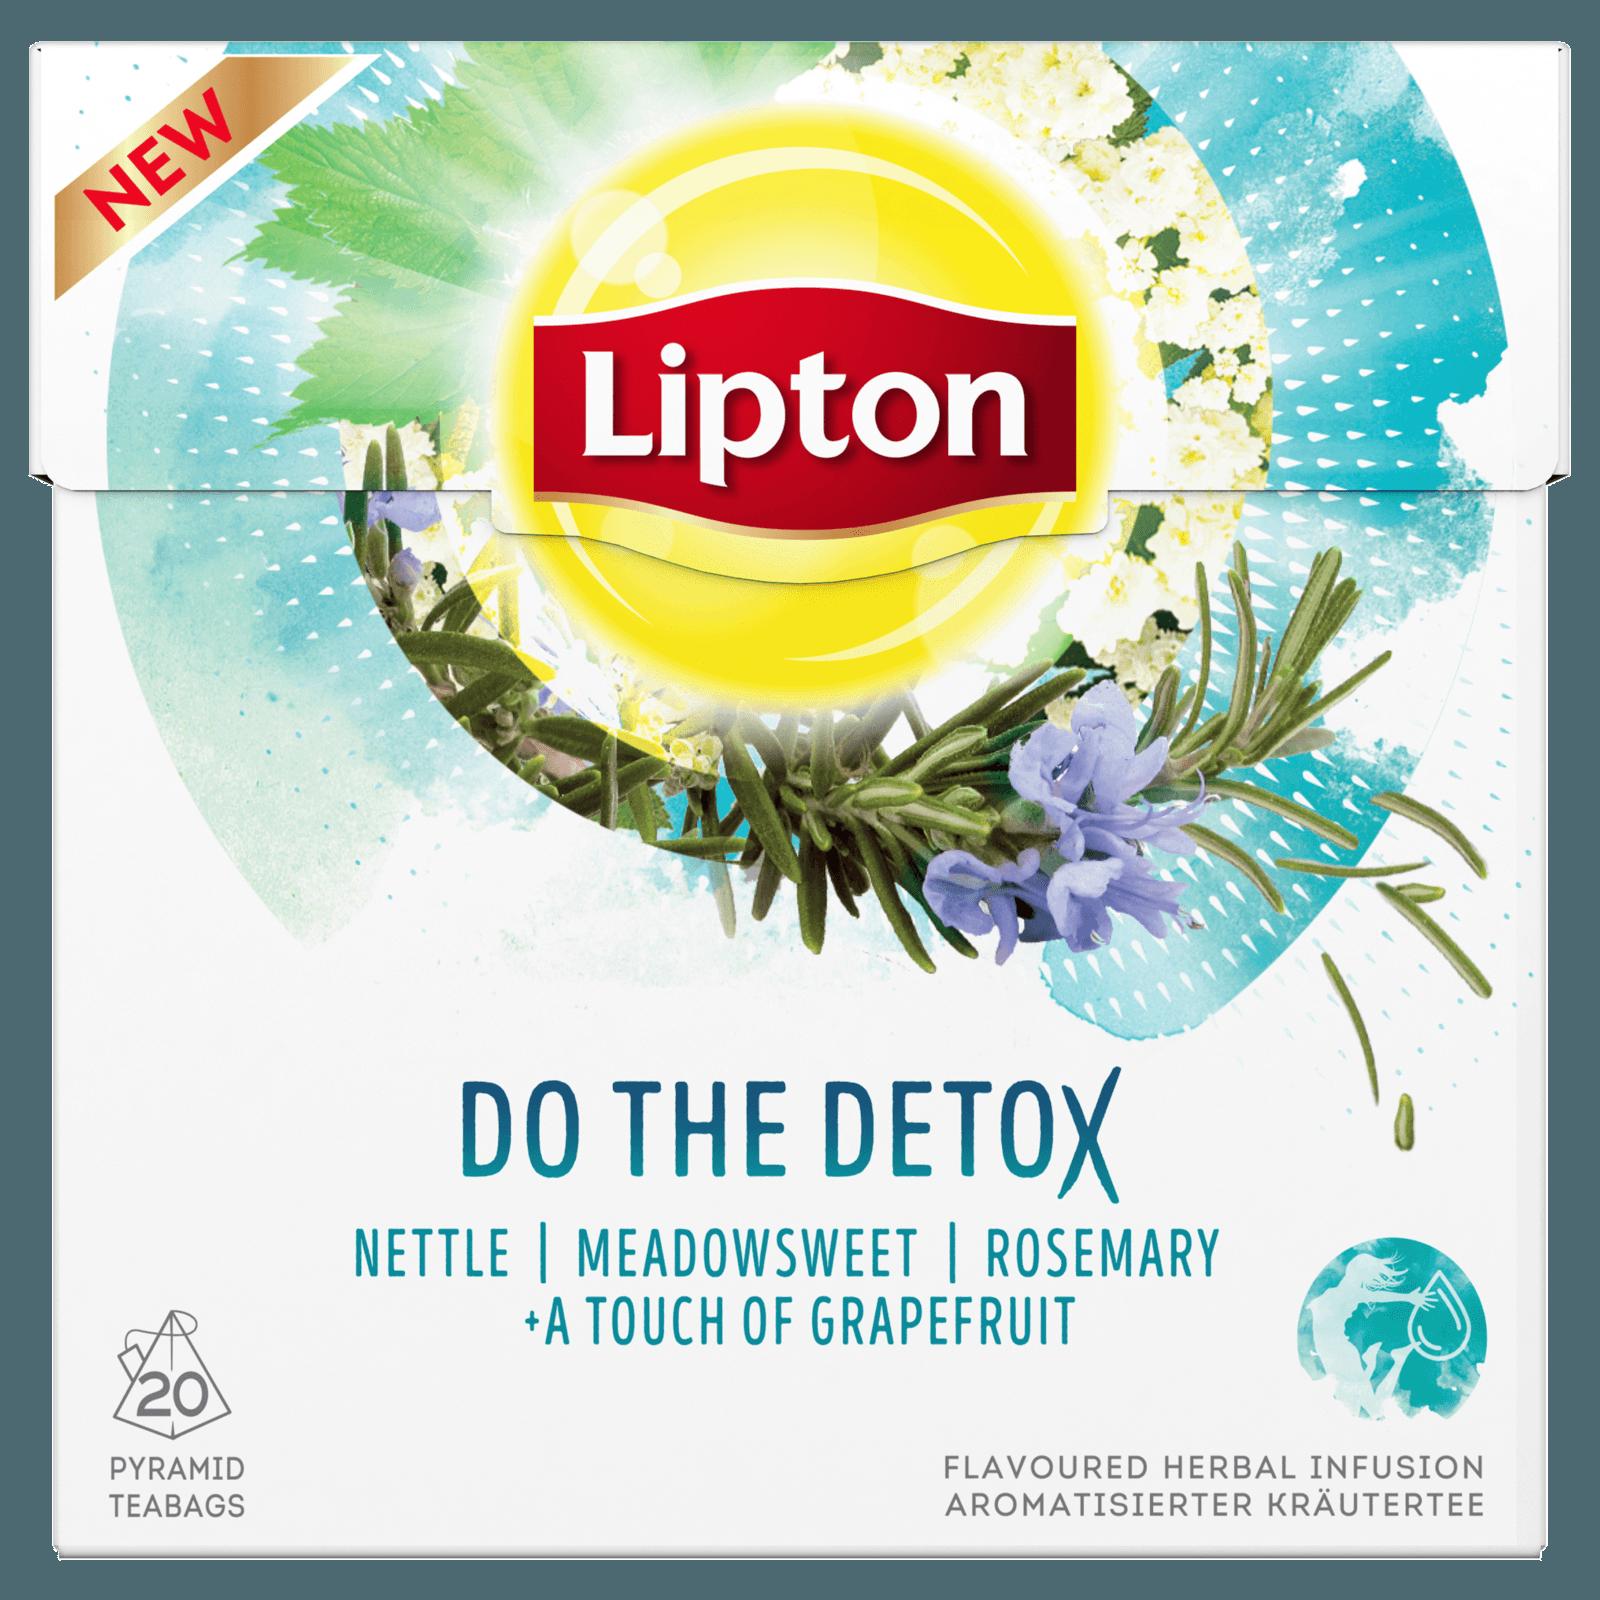 Lipton Kräutertee Do the Detox Pyramidenbeutel 30g, 20 Stück